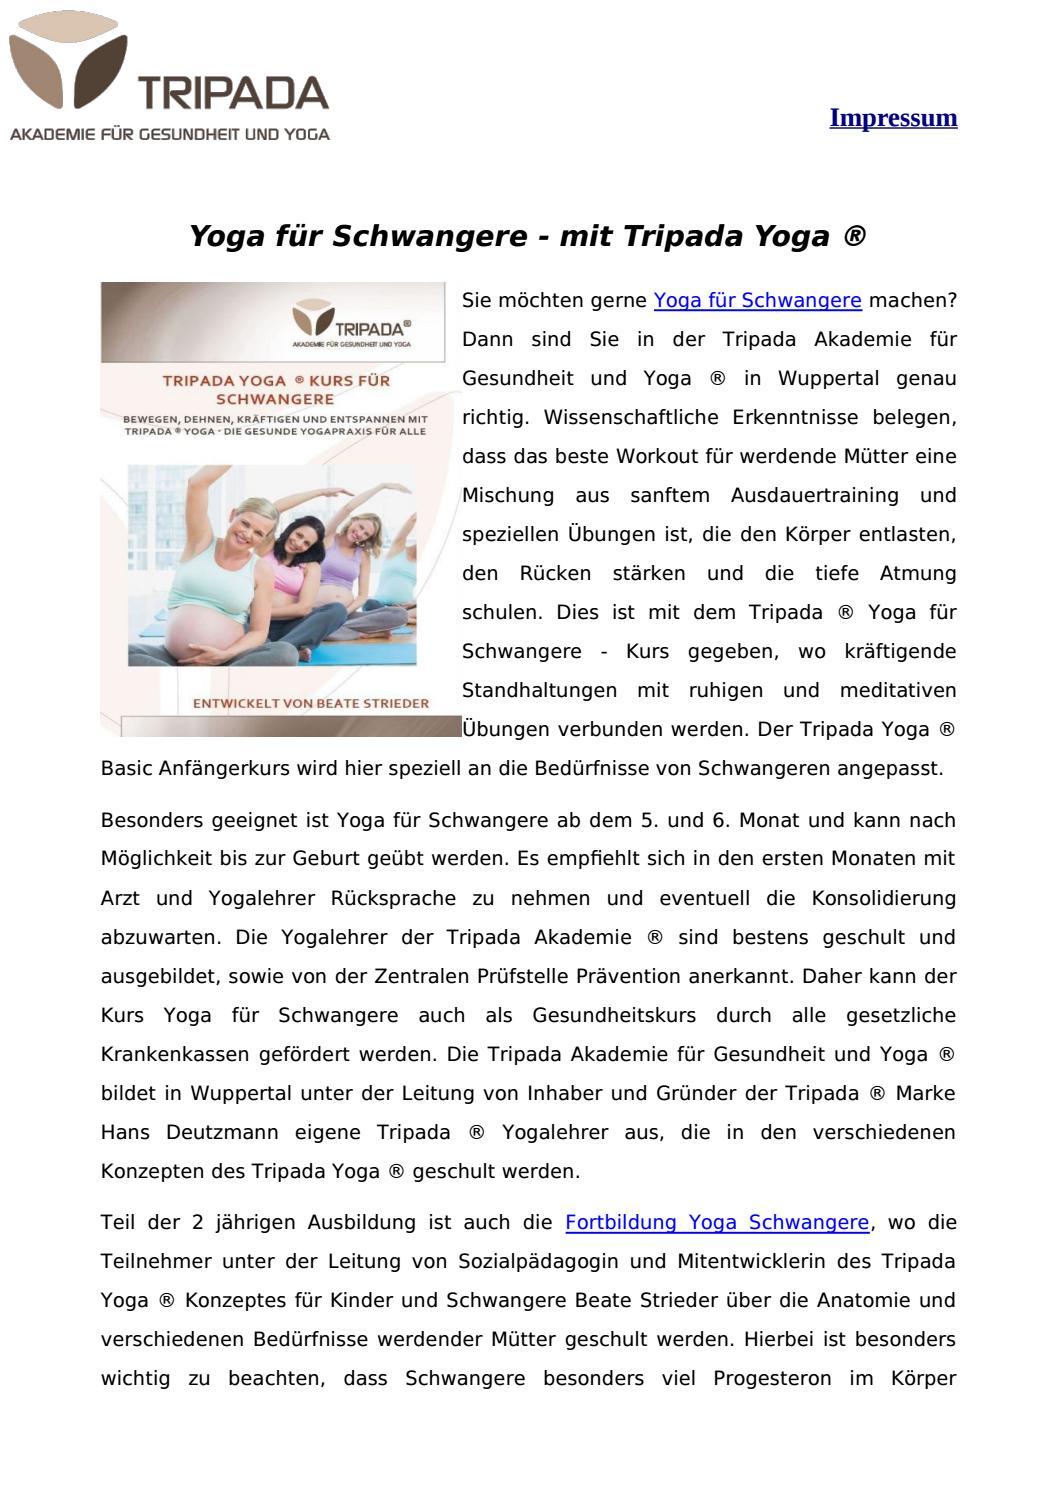 Yoga Fur Schwangere Mit Tripada Yoga By Tripadabocholt Issuu